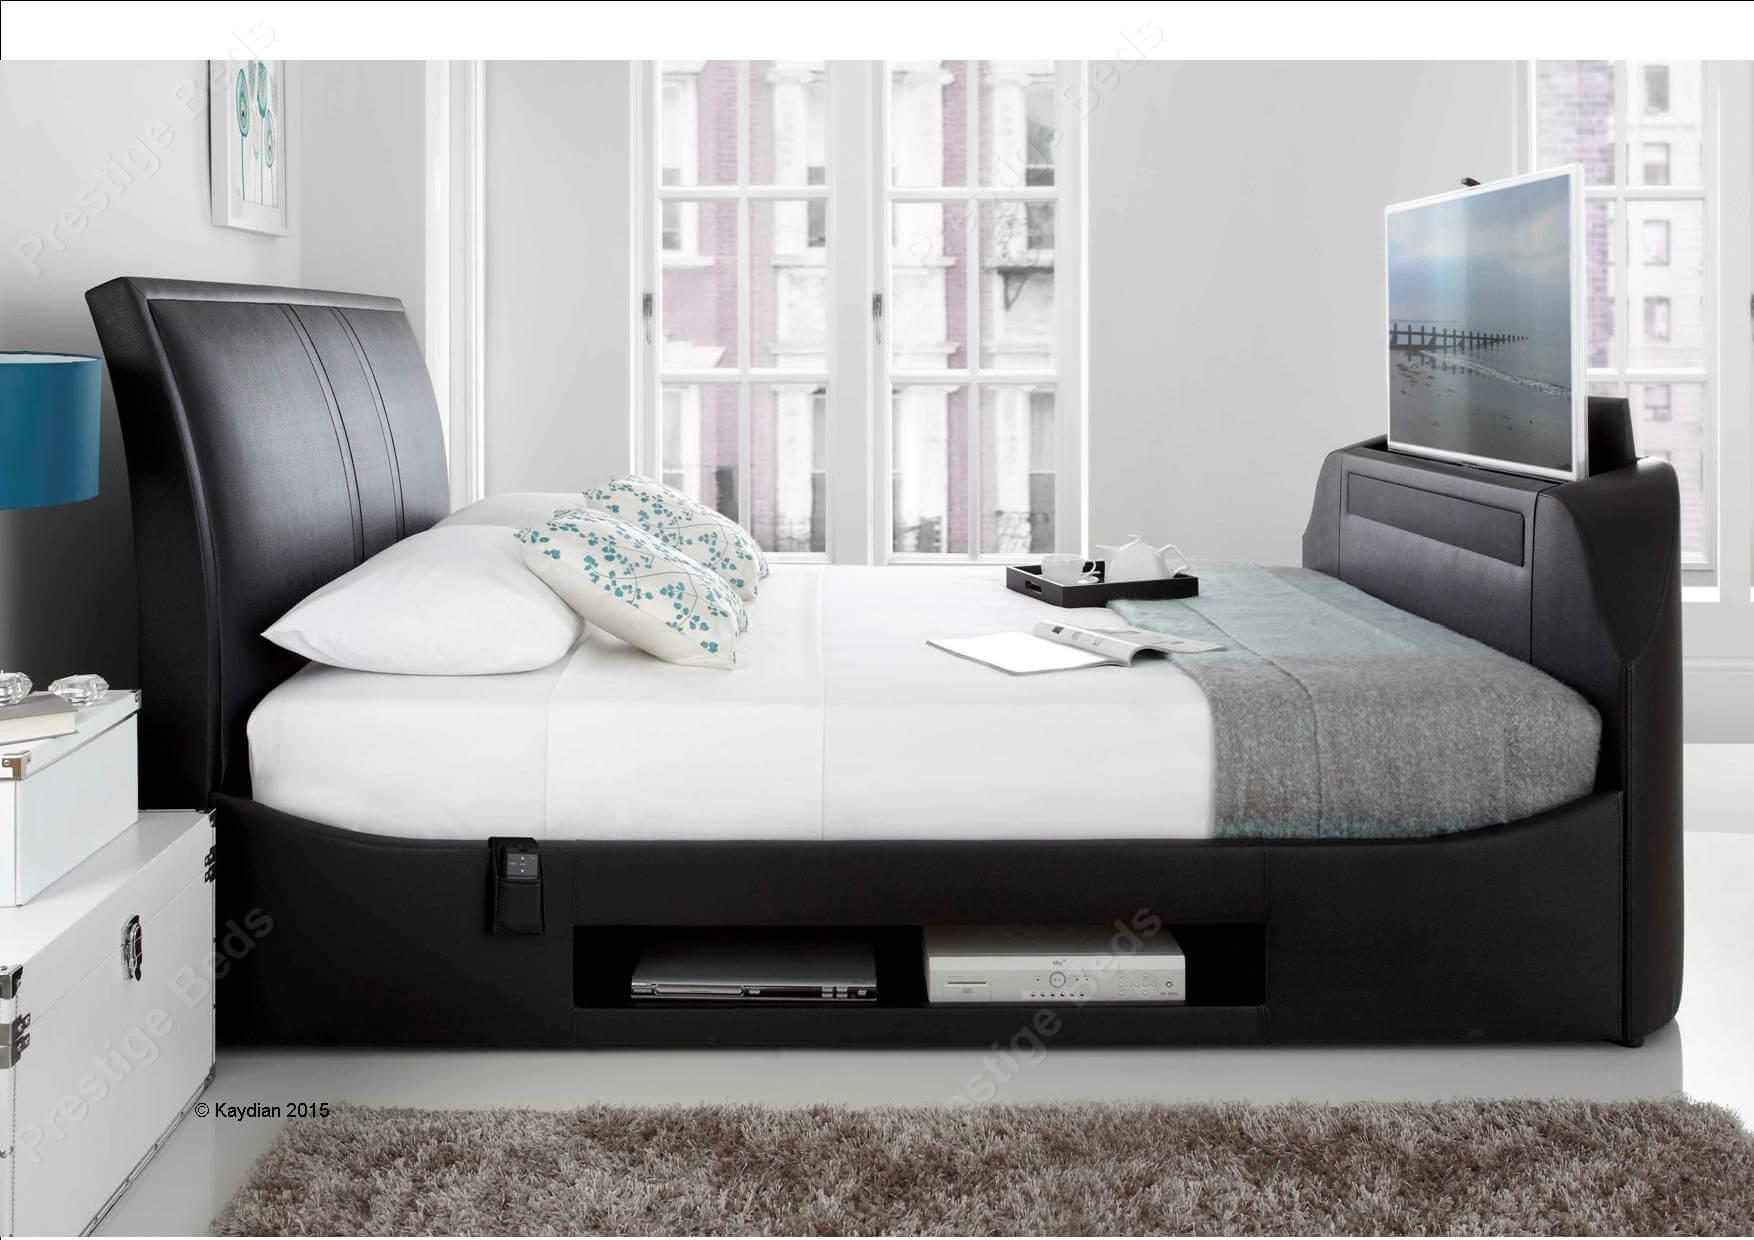 Kaydian Maximus TV Bed +Soundbar